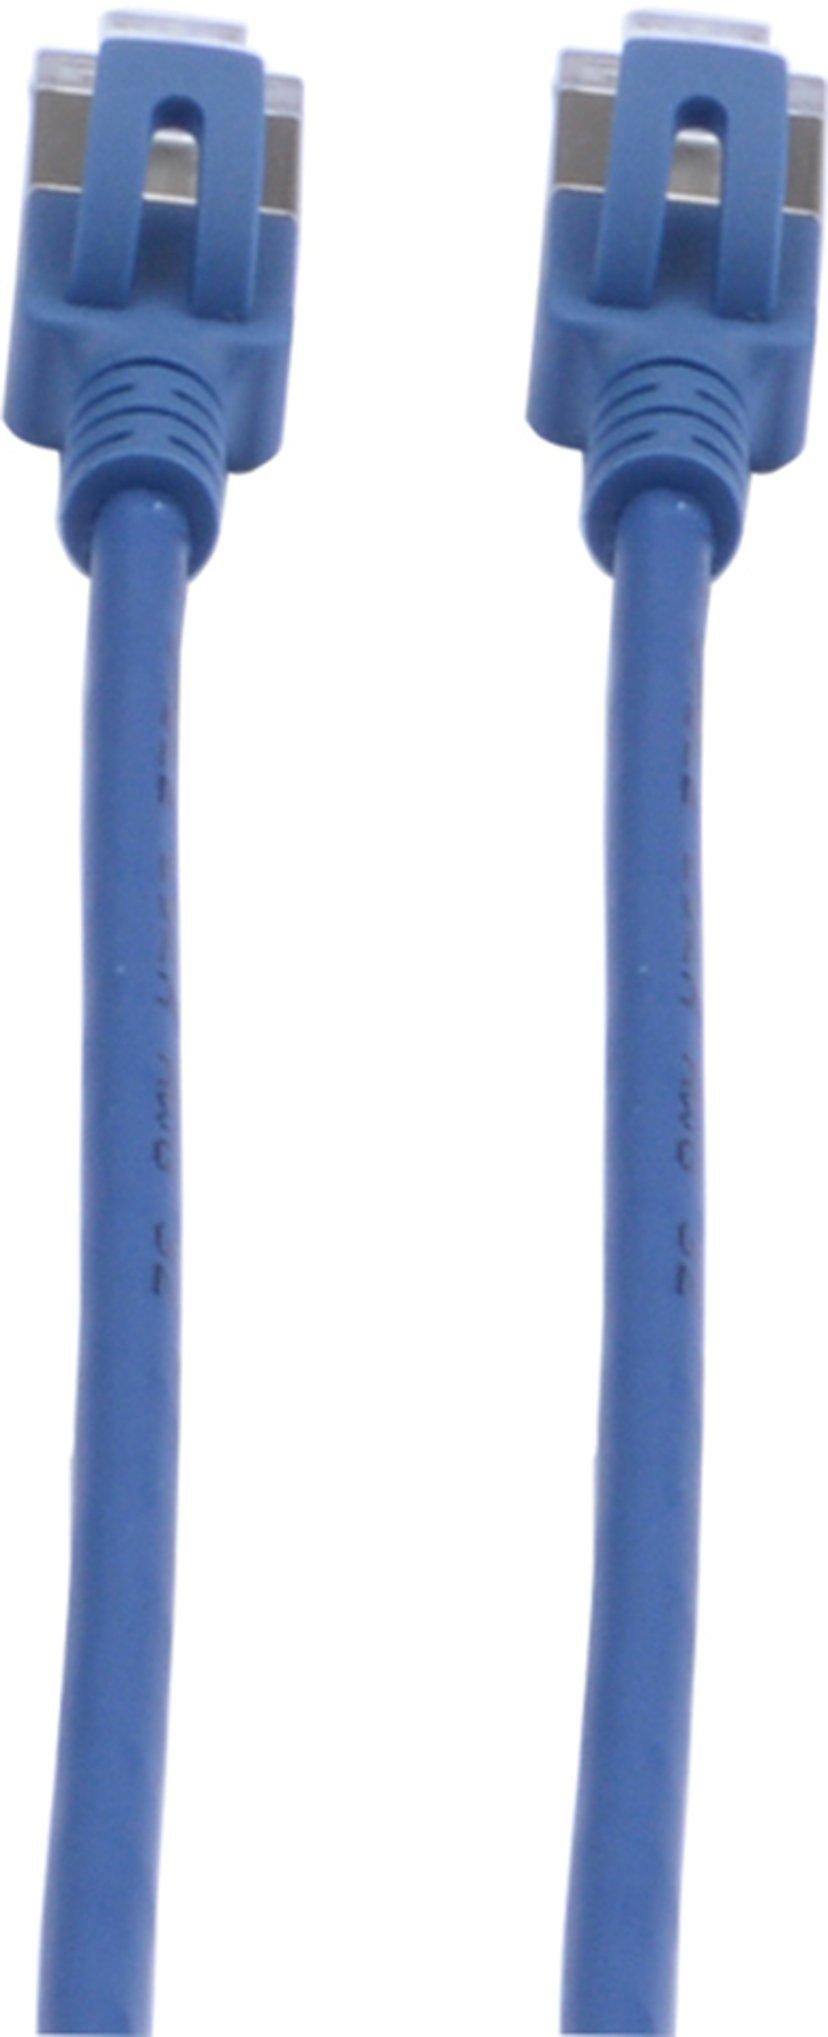 Prokord Patchkabel slim LSZH Blå RJ-45 RJ-45 CAT 6a 3m